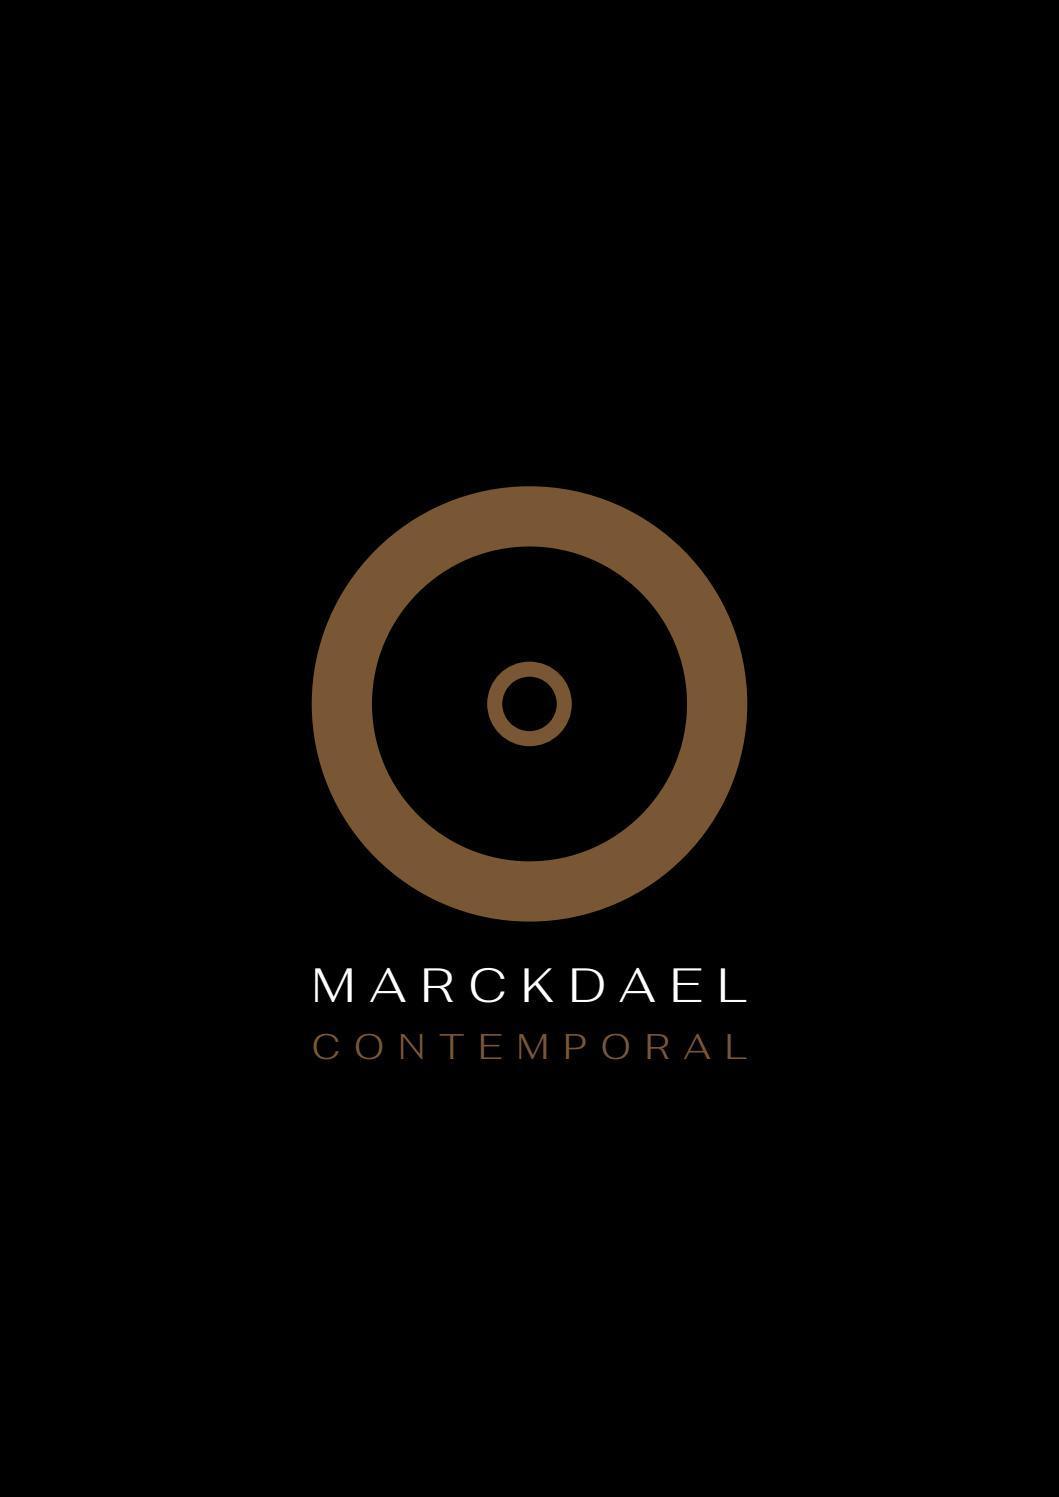 Marckdael